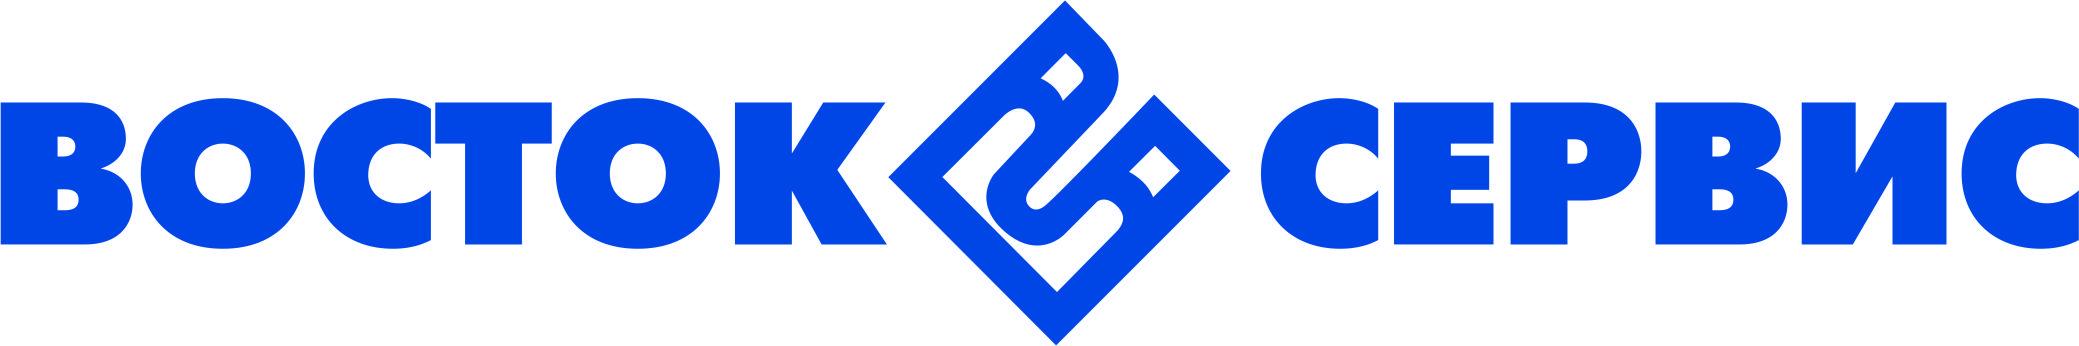 5eb7b18a254bc1a5b4d8be840e51019d ТОП-20 российских производителей спецодежды | Портал легкой промышленности «Пошив.рус»